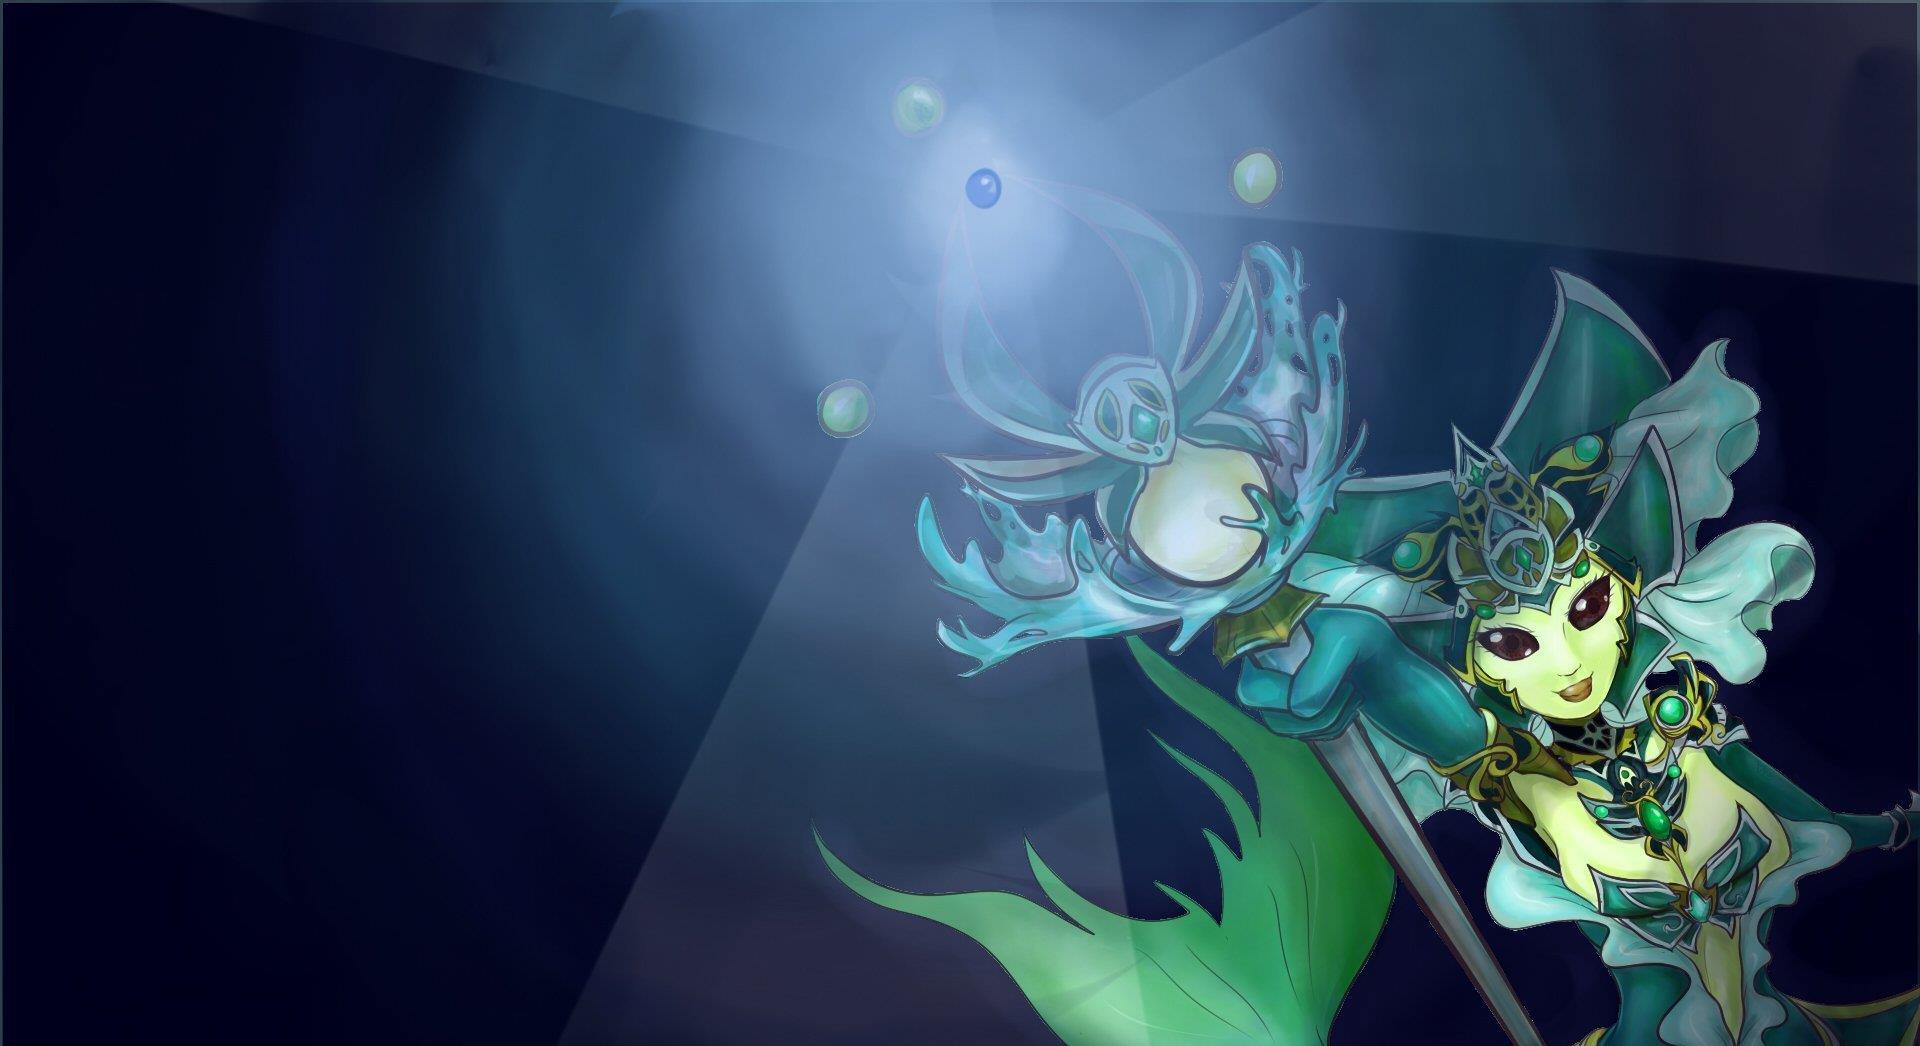 丽桑达_云顶泡泡鱼,二三阶段的神,实现这两点,开局无情连胜-第6张图片-游戏摸鱼怪